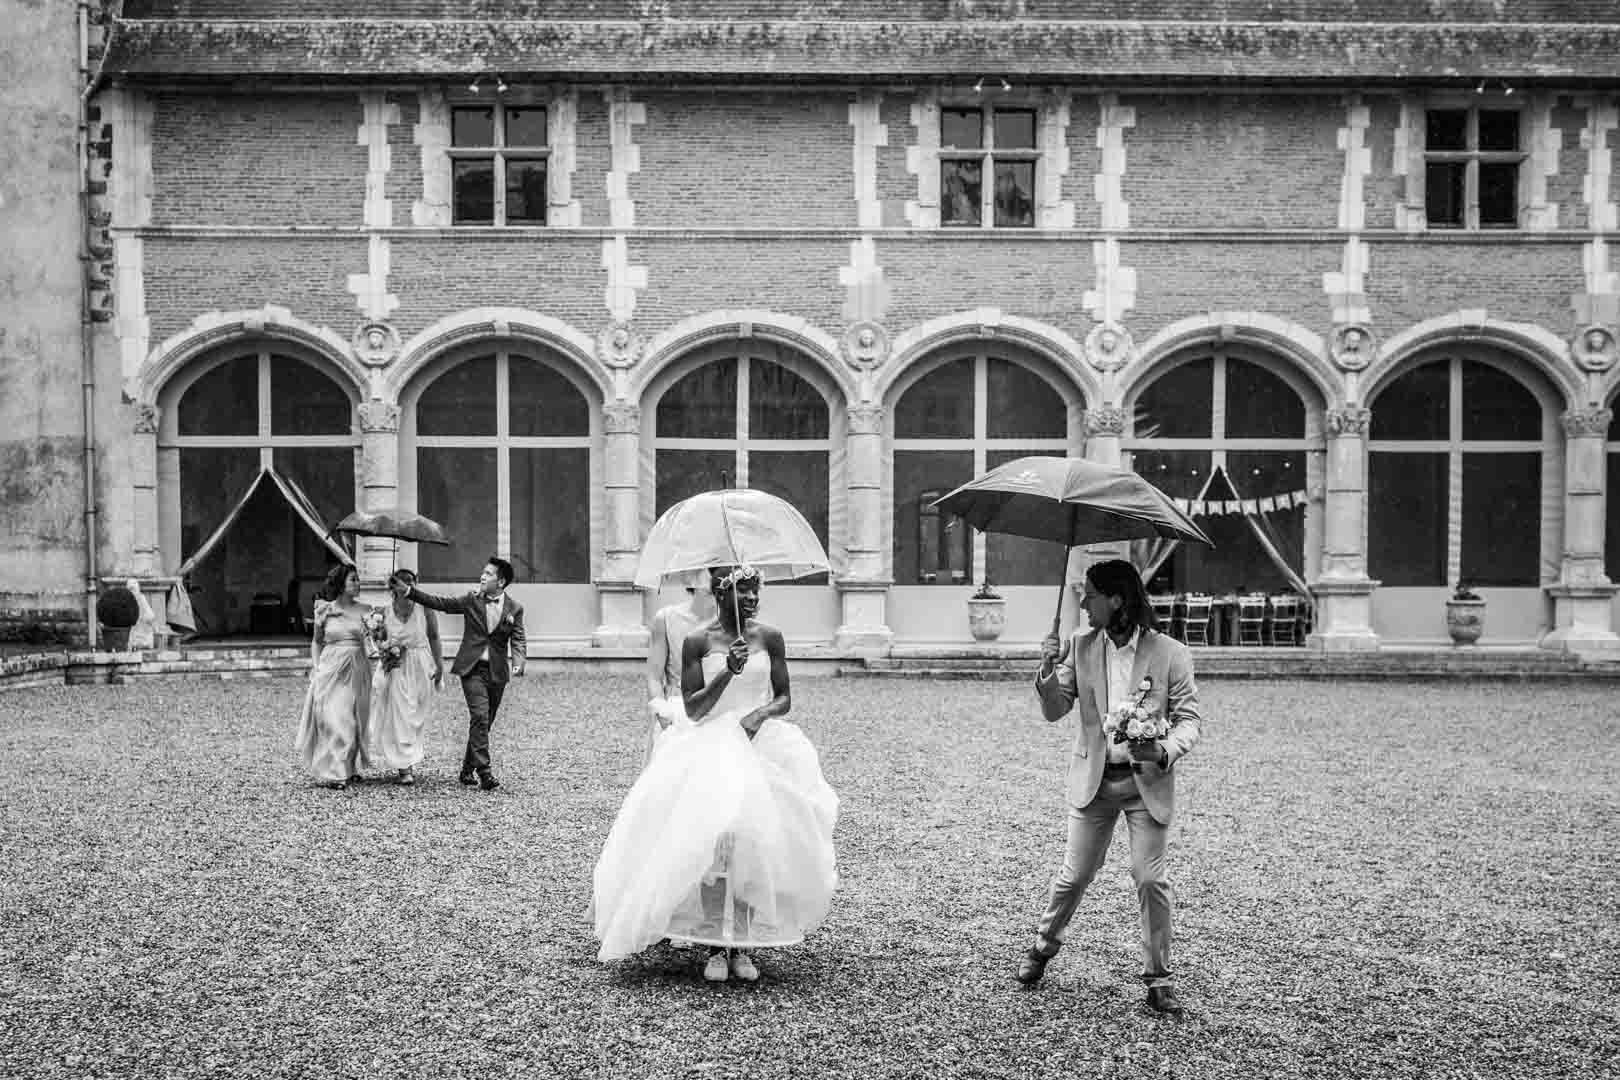 Sortie du château de la verrerie, la marié se protège de l'eau sous un parapluie transparent